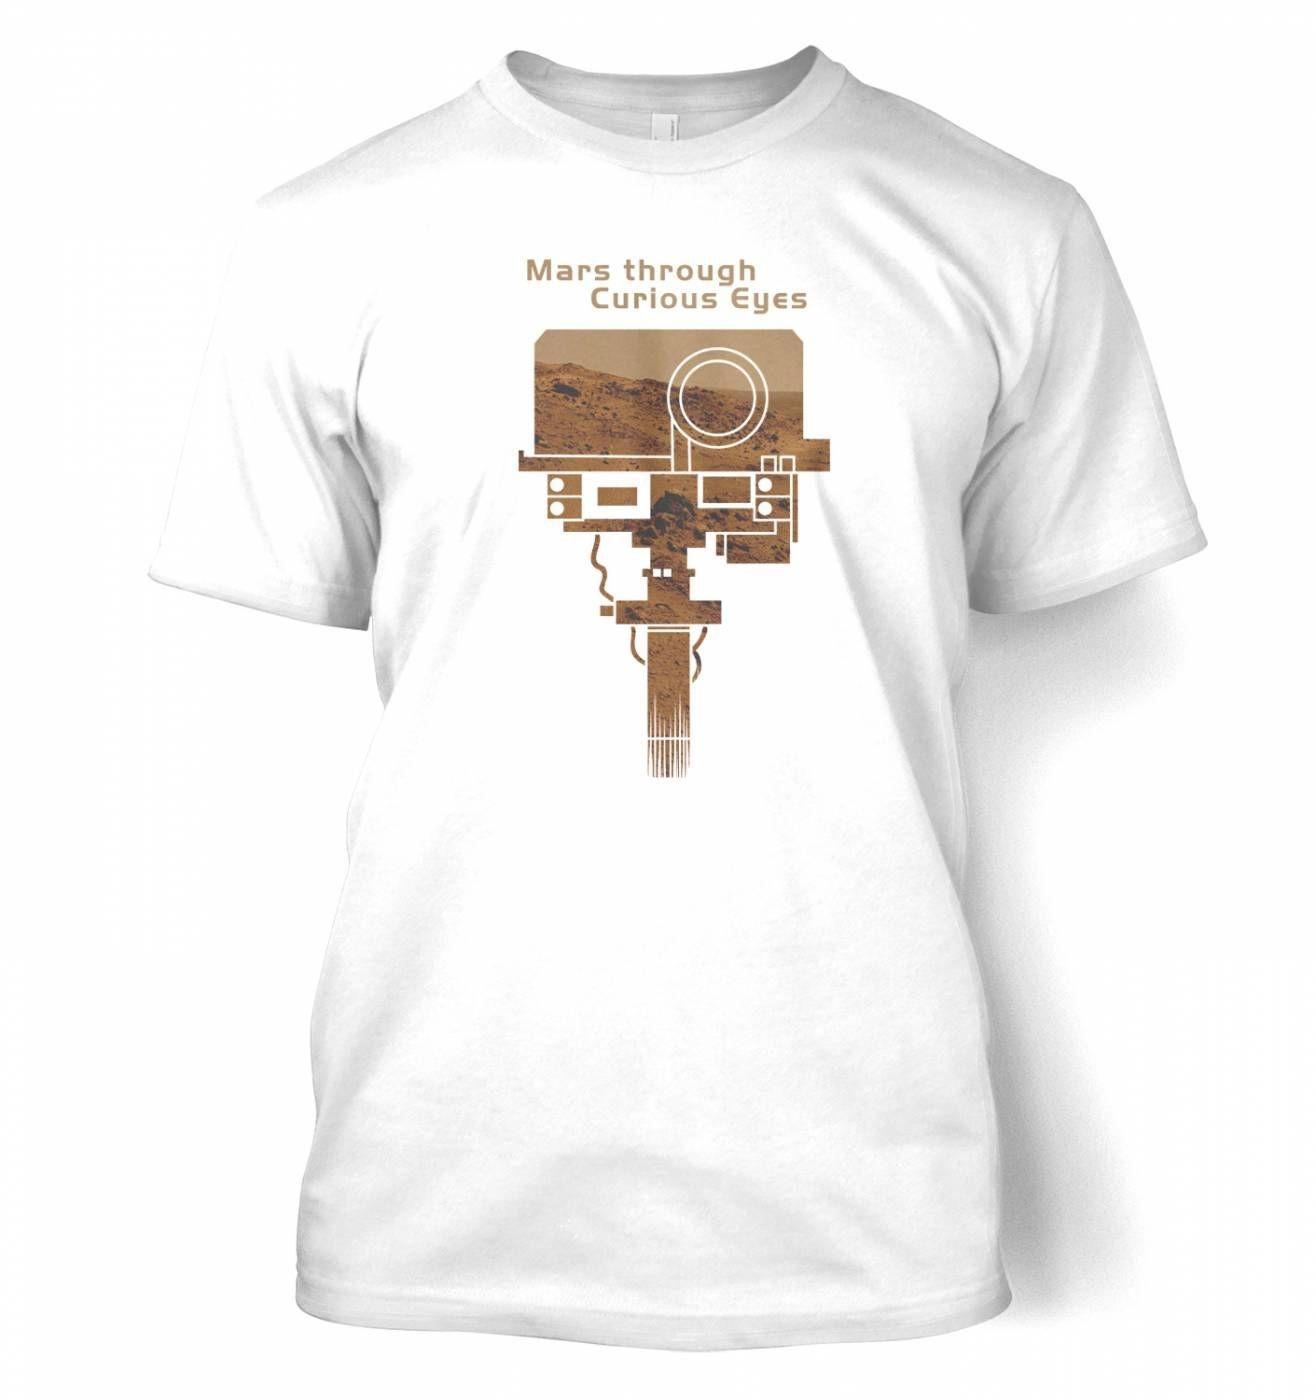 Mars Through Curious Eyes t-shirt